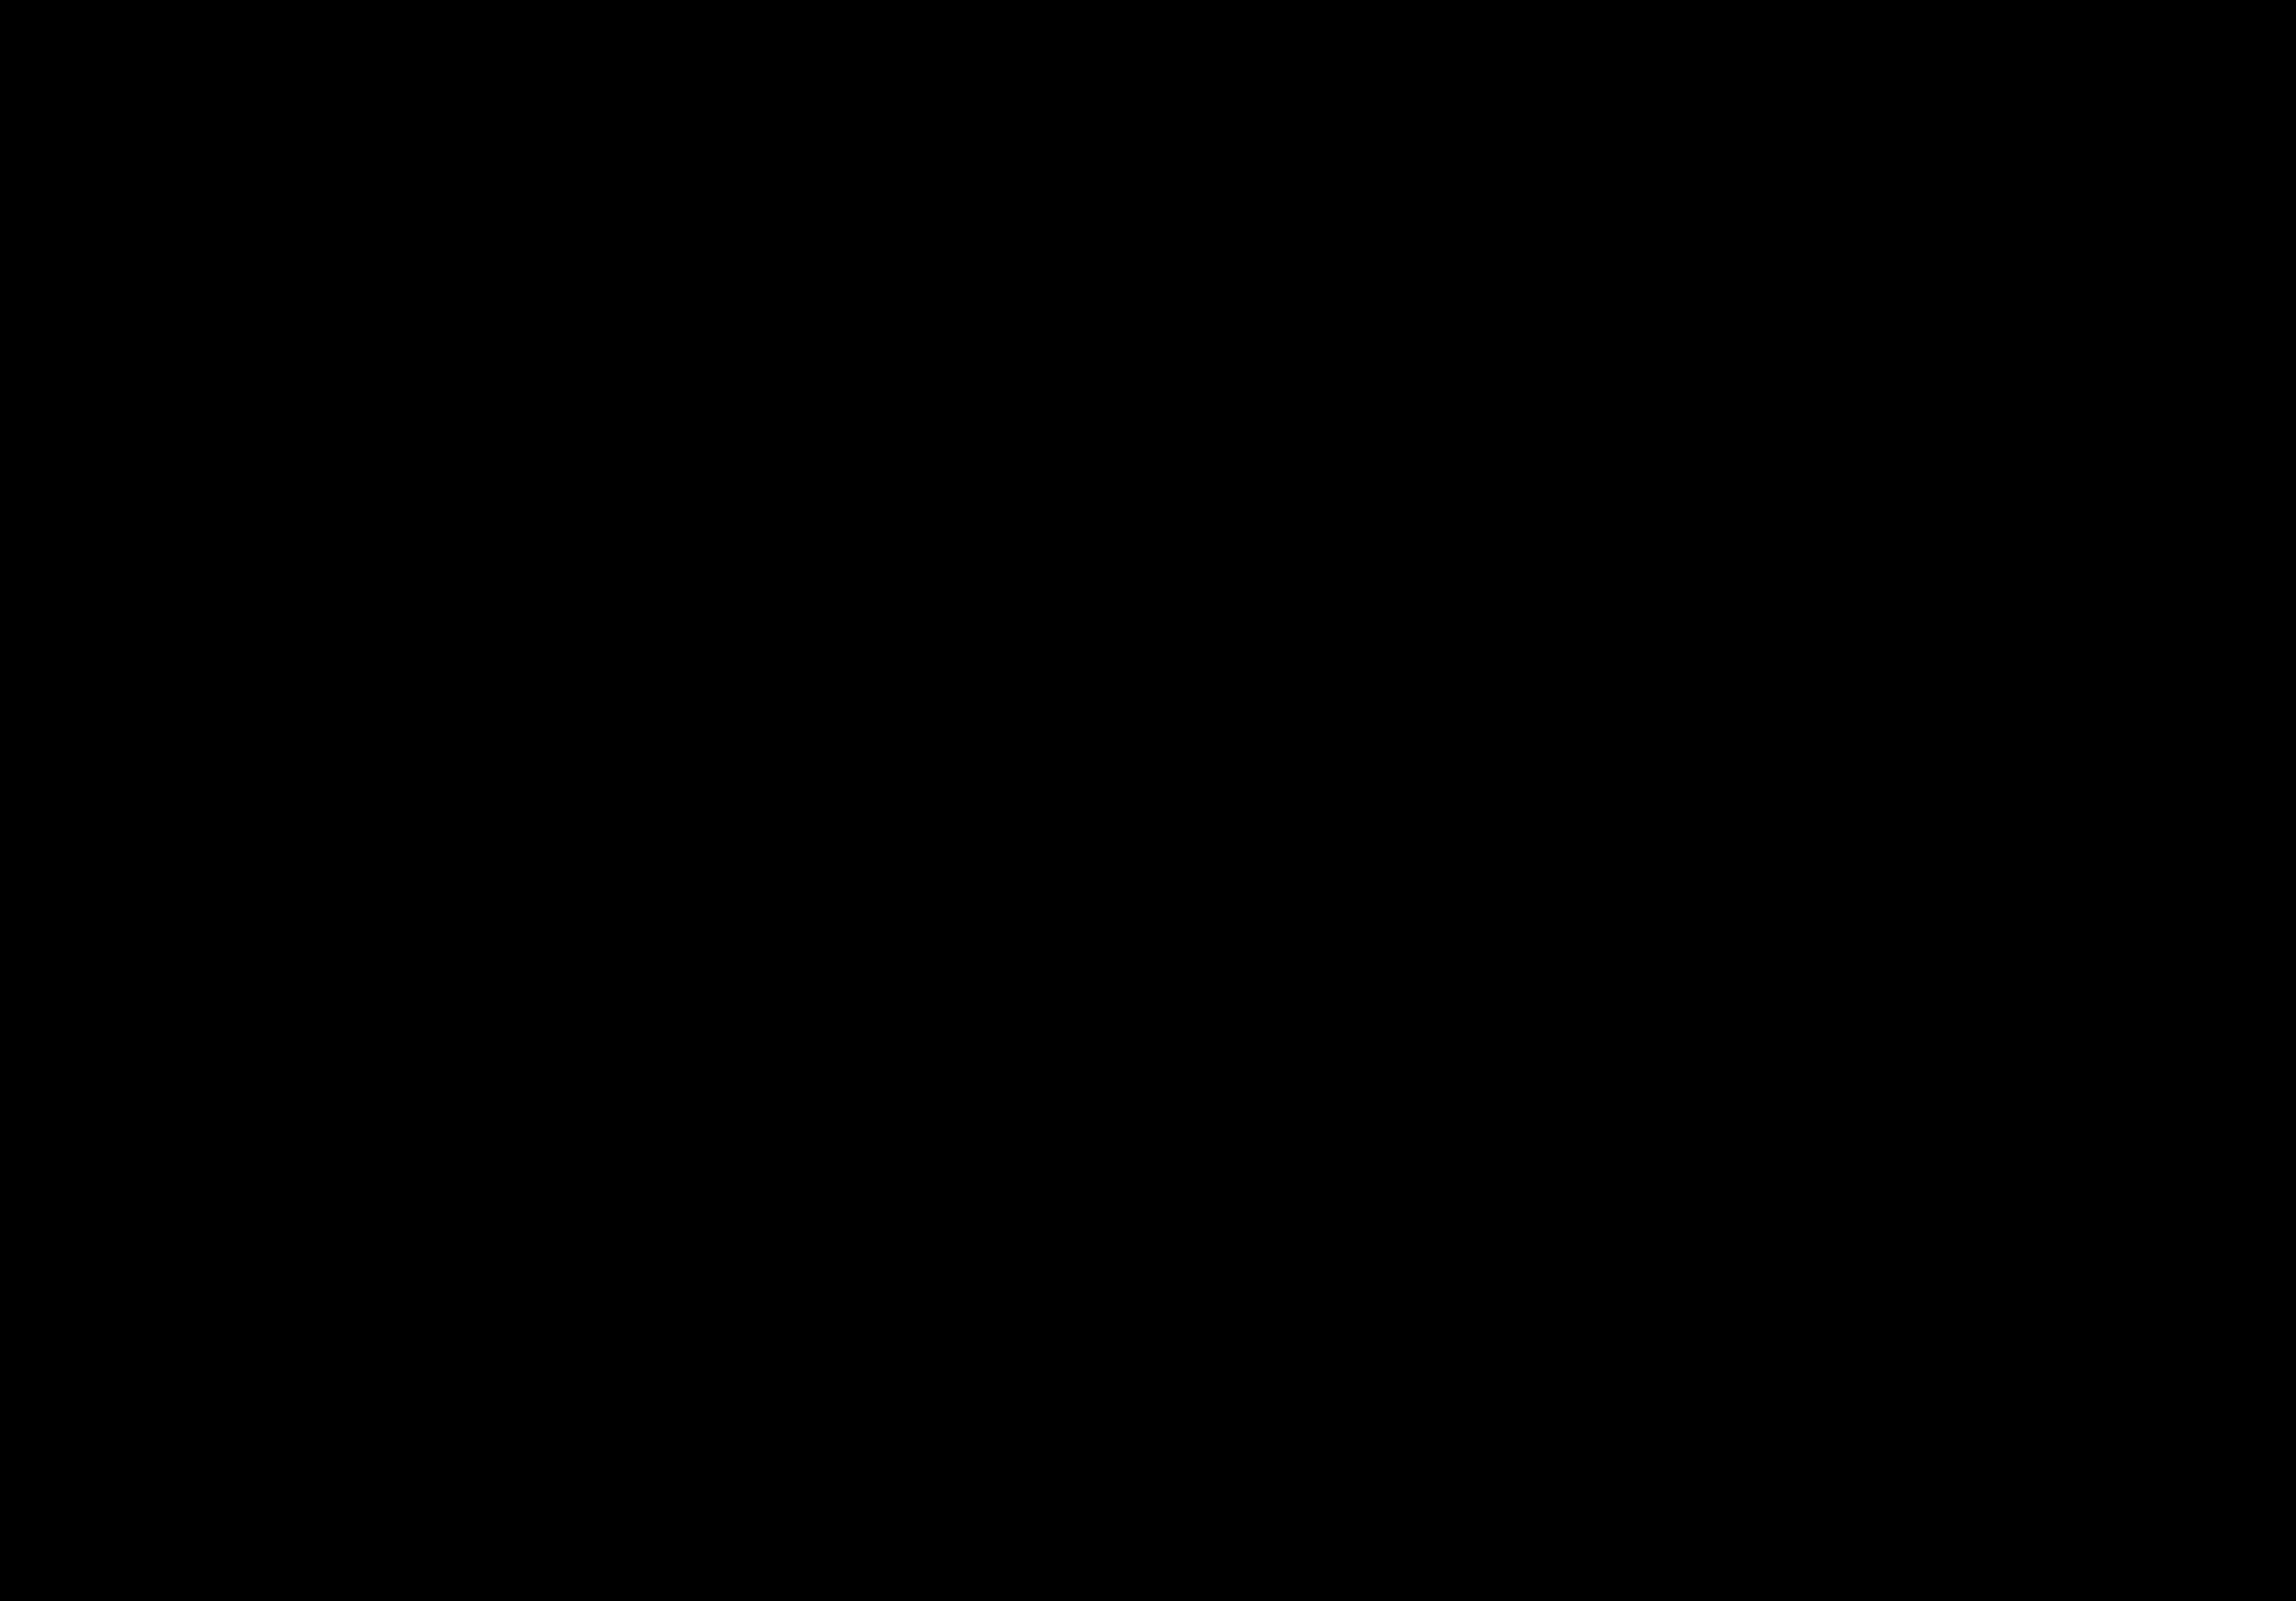 Dove Vector Clipart Icon Image